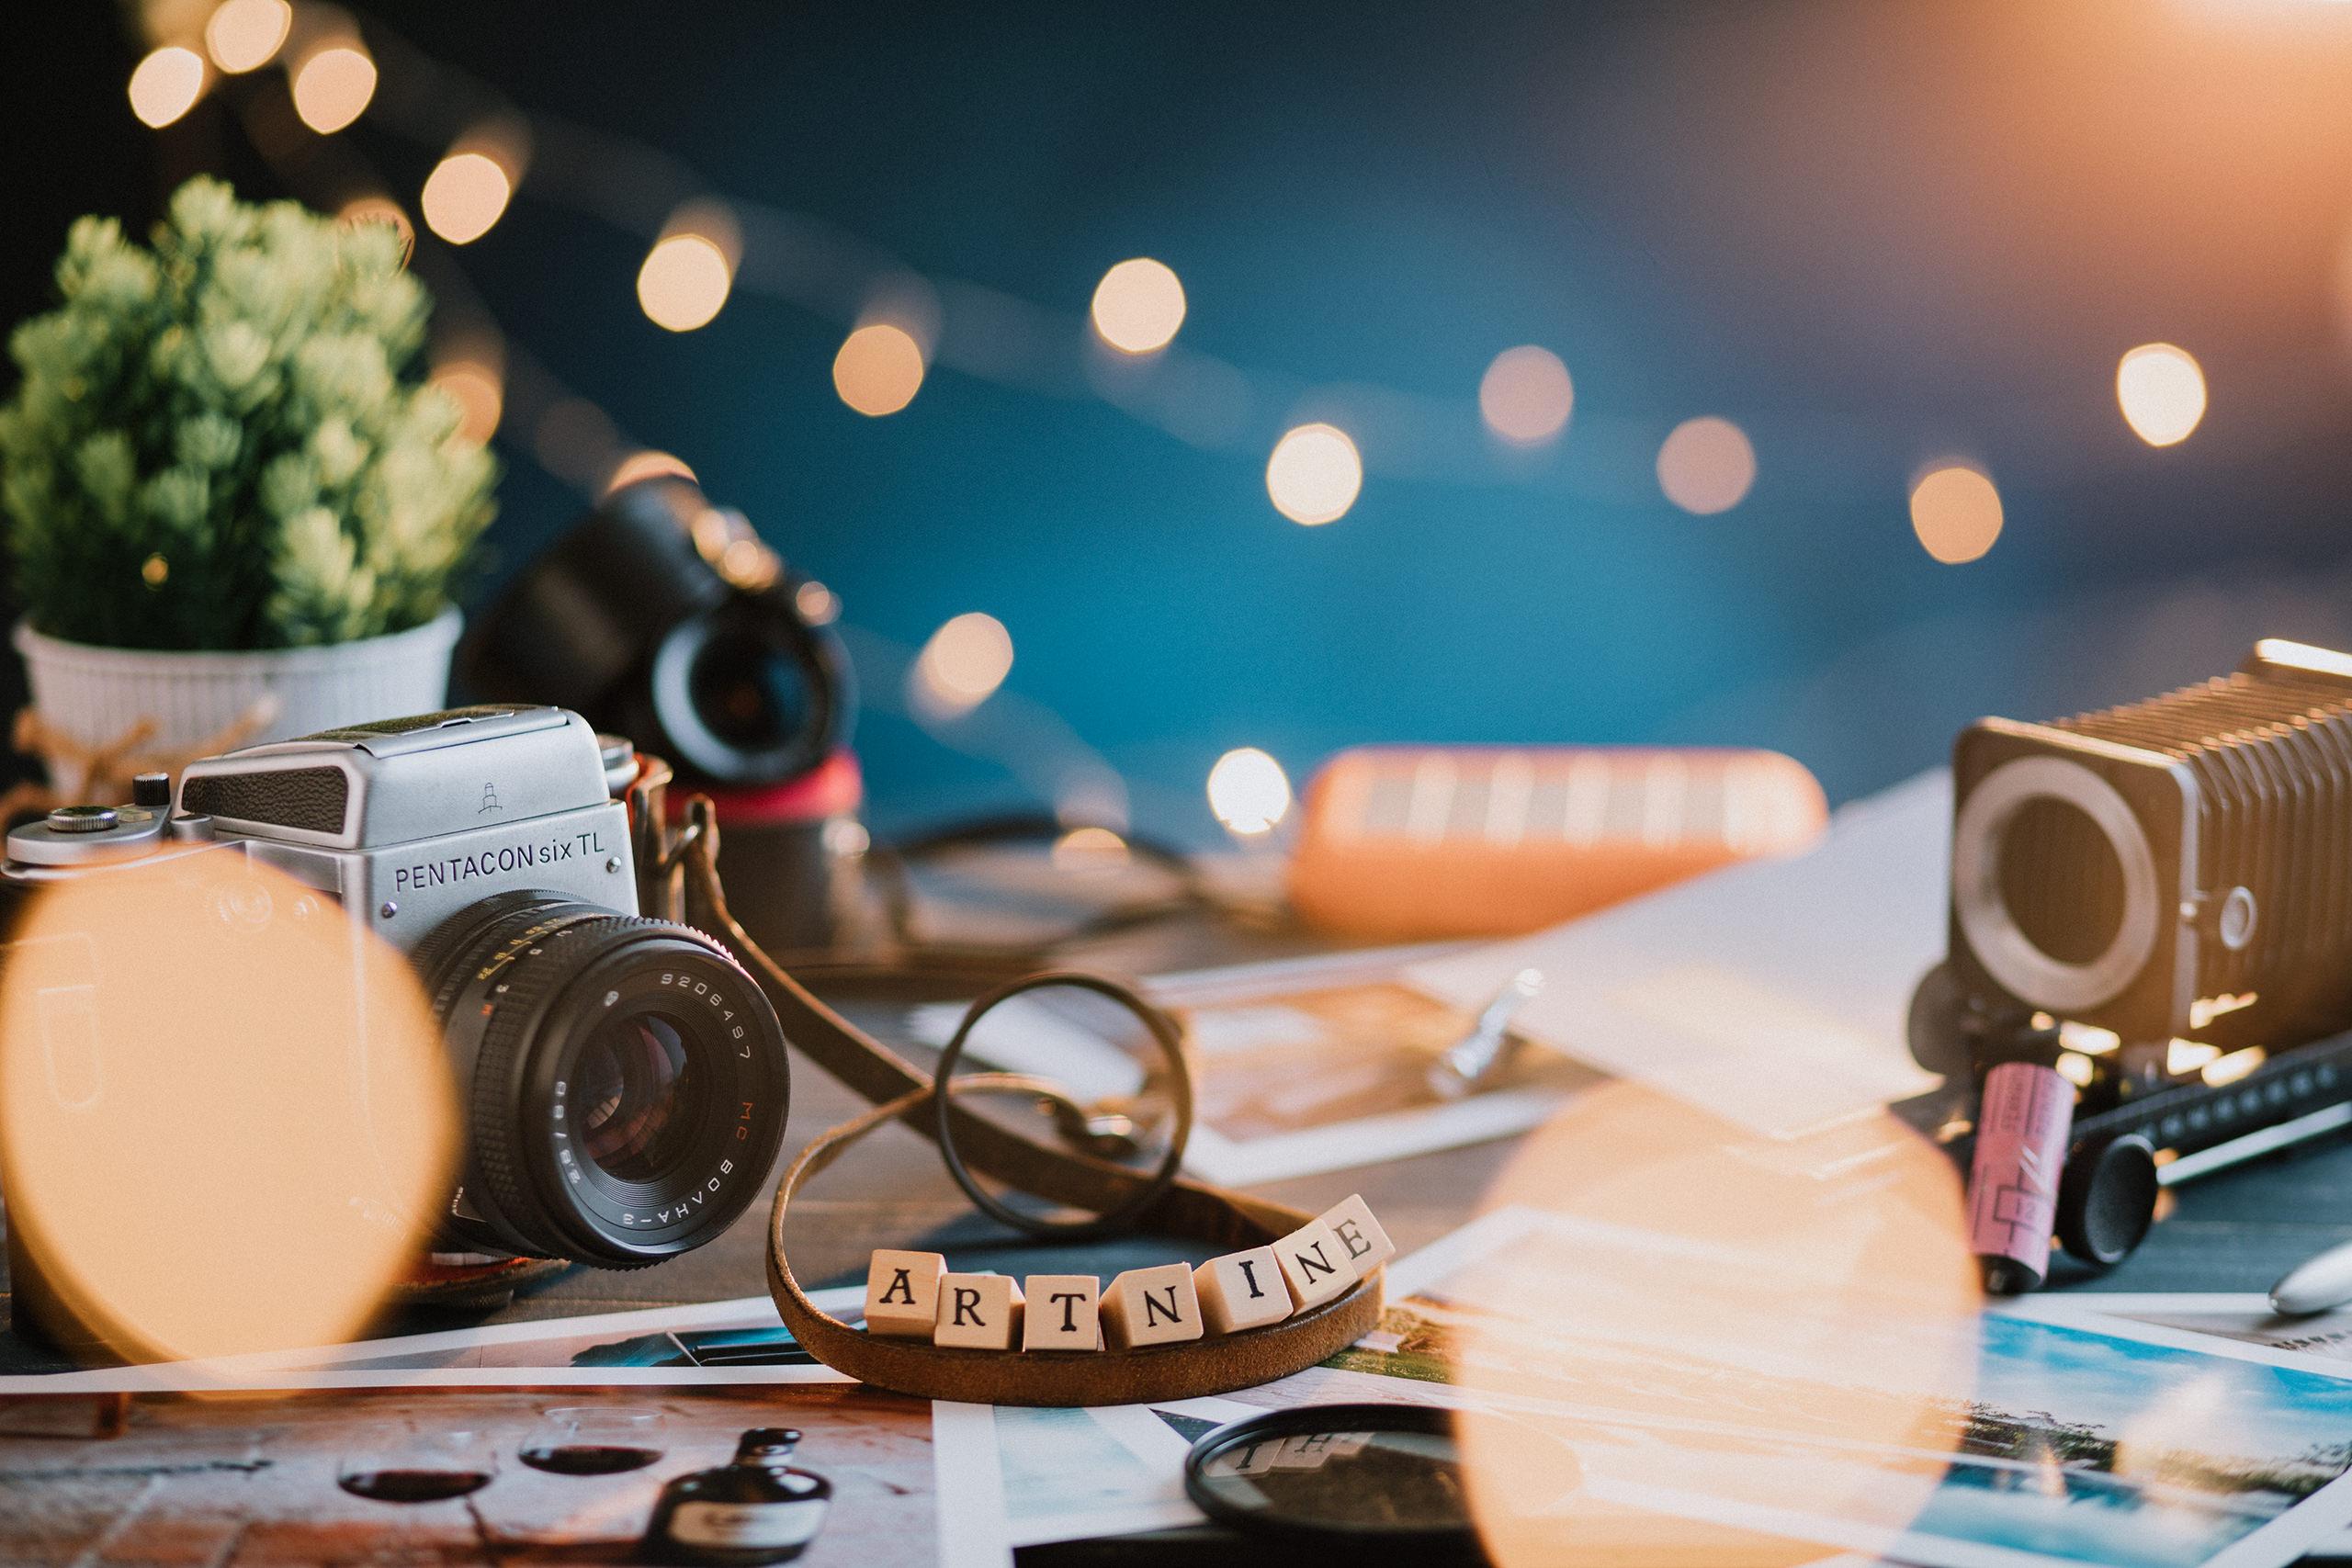 foto di prodotti fotografici vintage in studio e catena luminosa